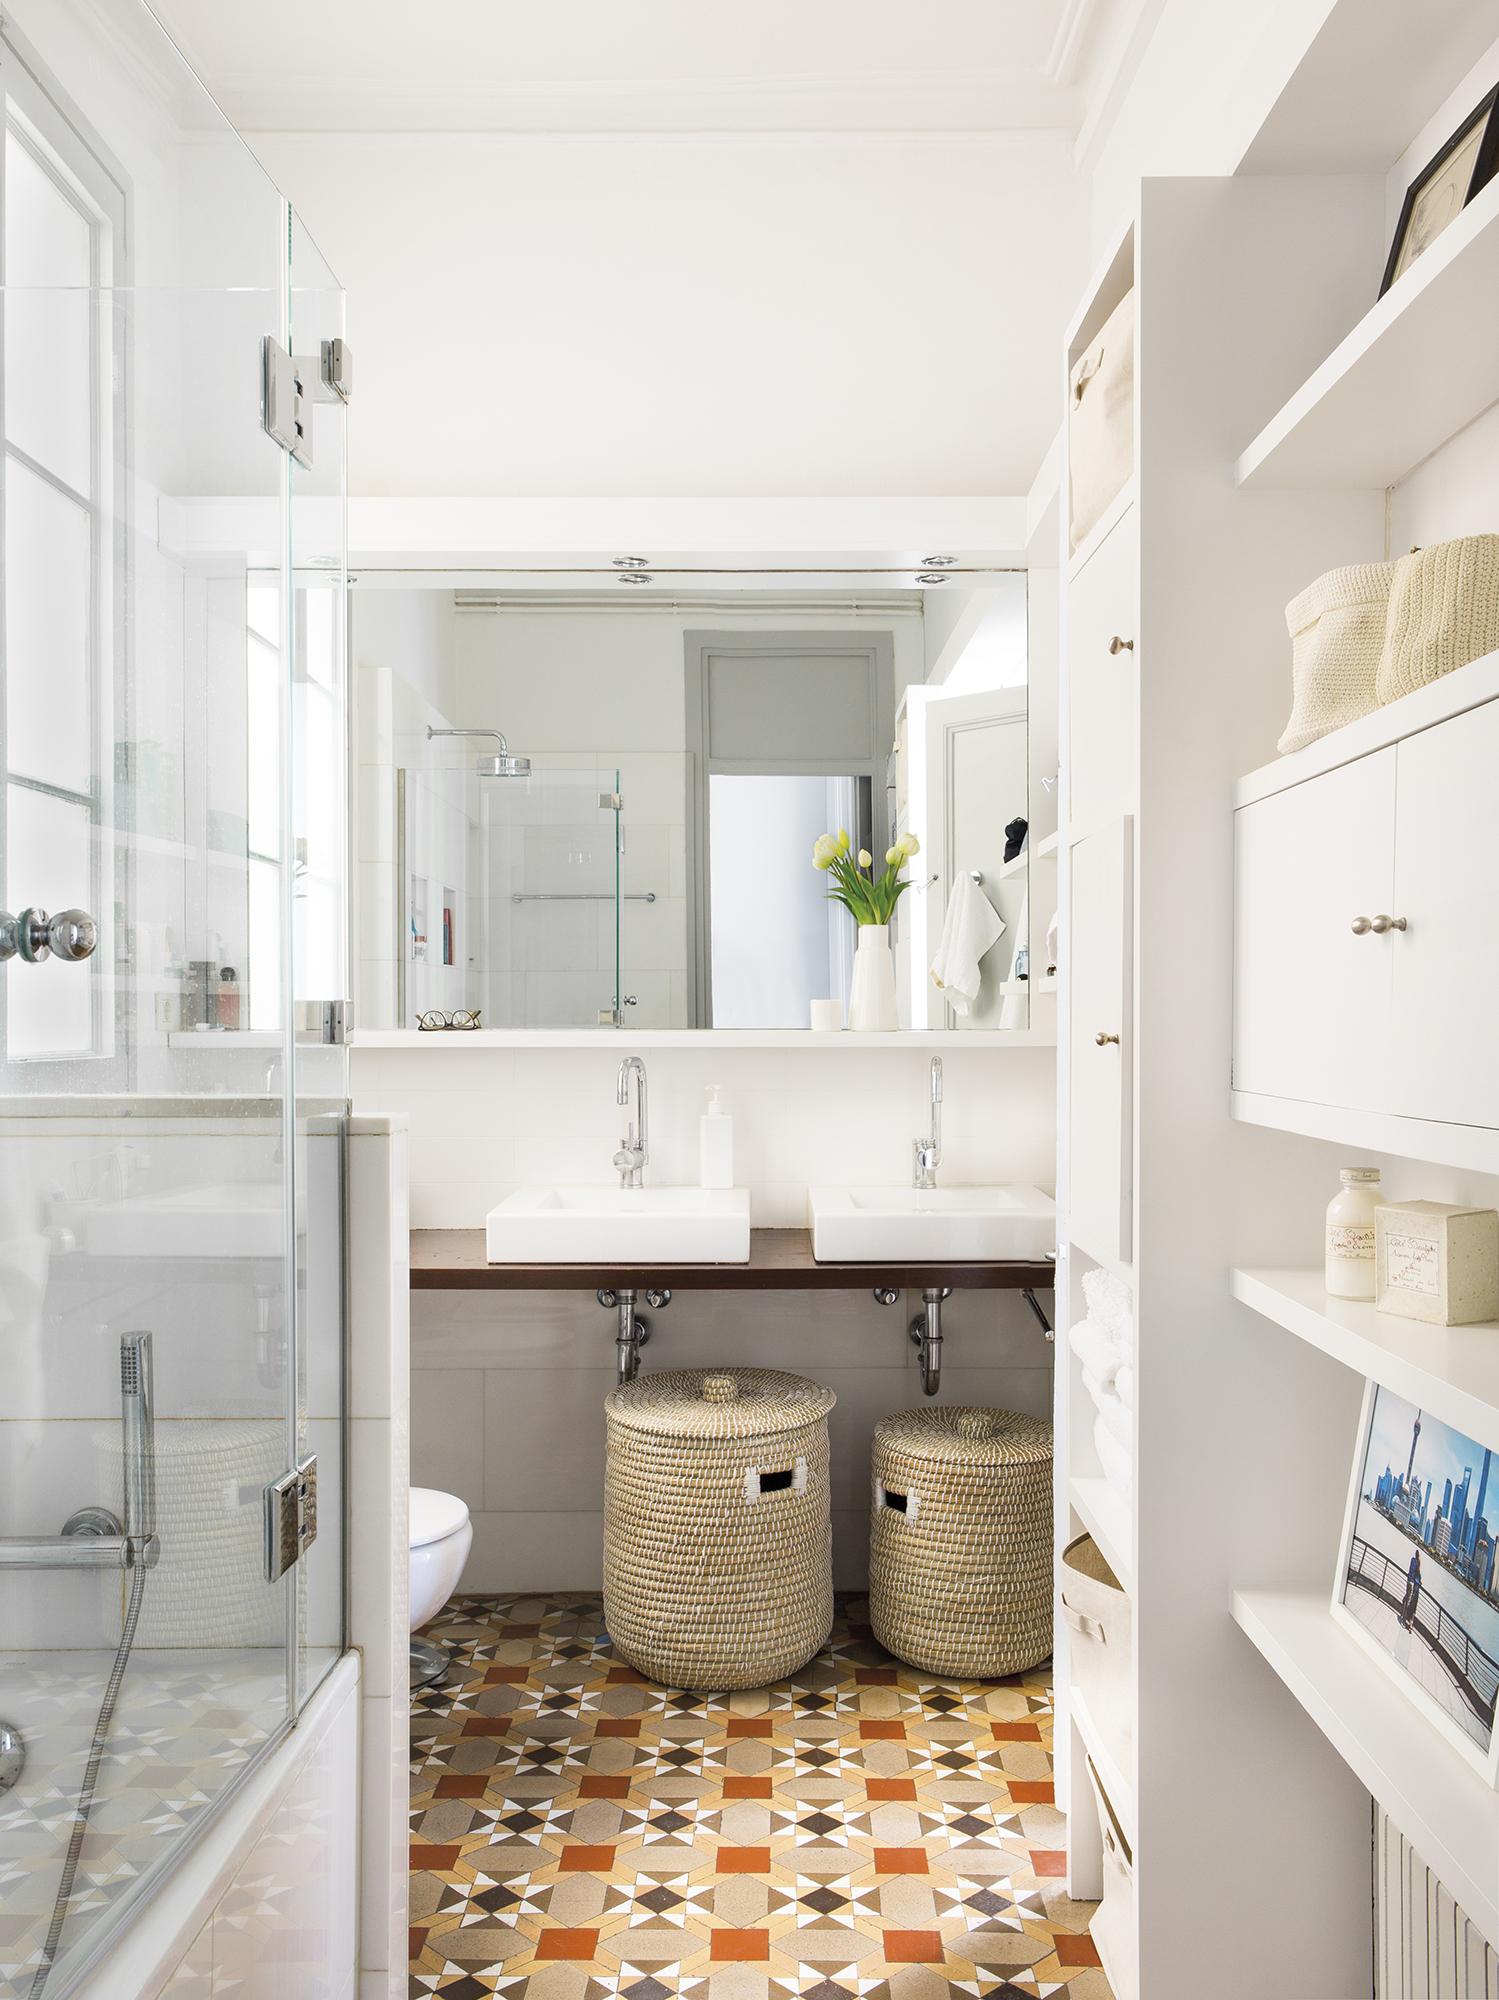 Un piso donde han puesto el dormitorio en el sal n - Piso sandra ...